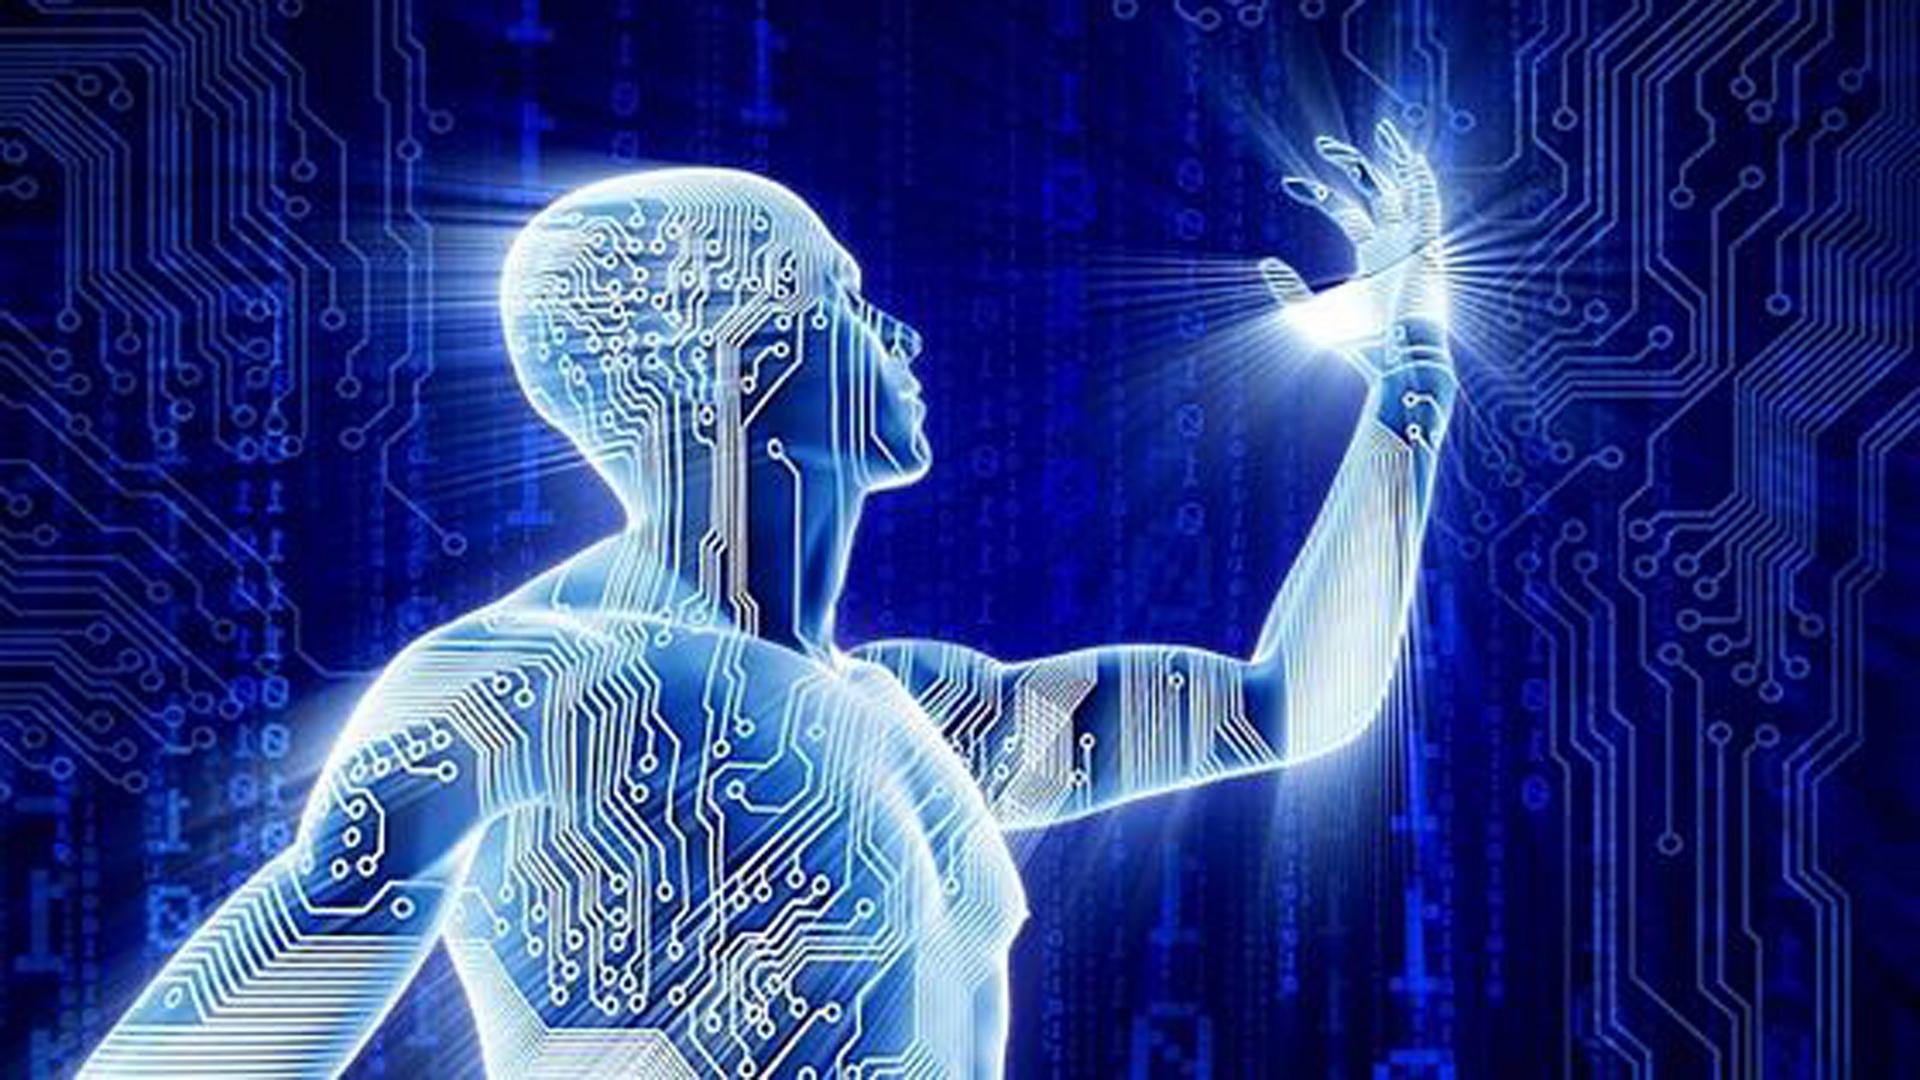 La tecnología avanzará a pasos agigantados a lo largo de los próximos años